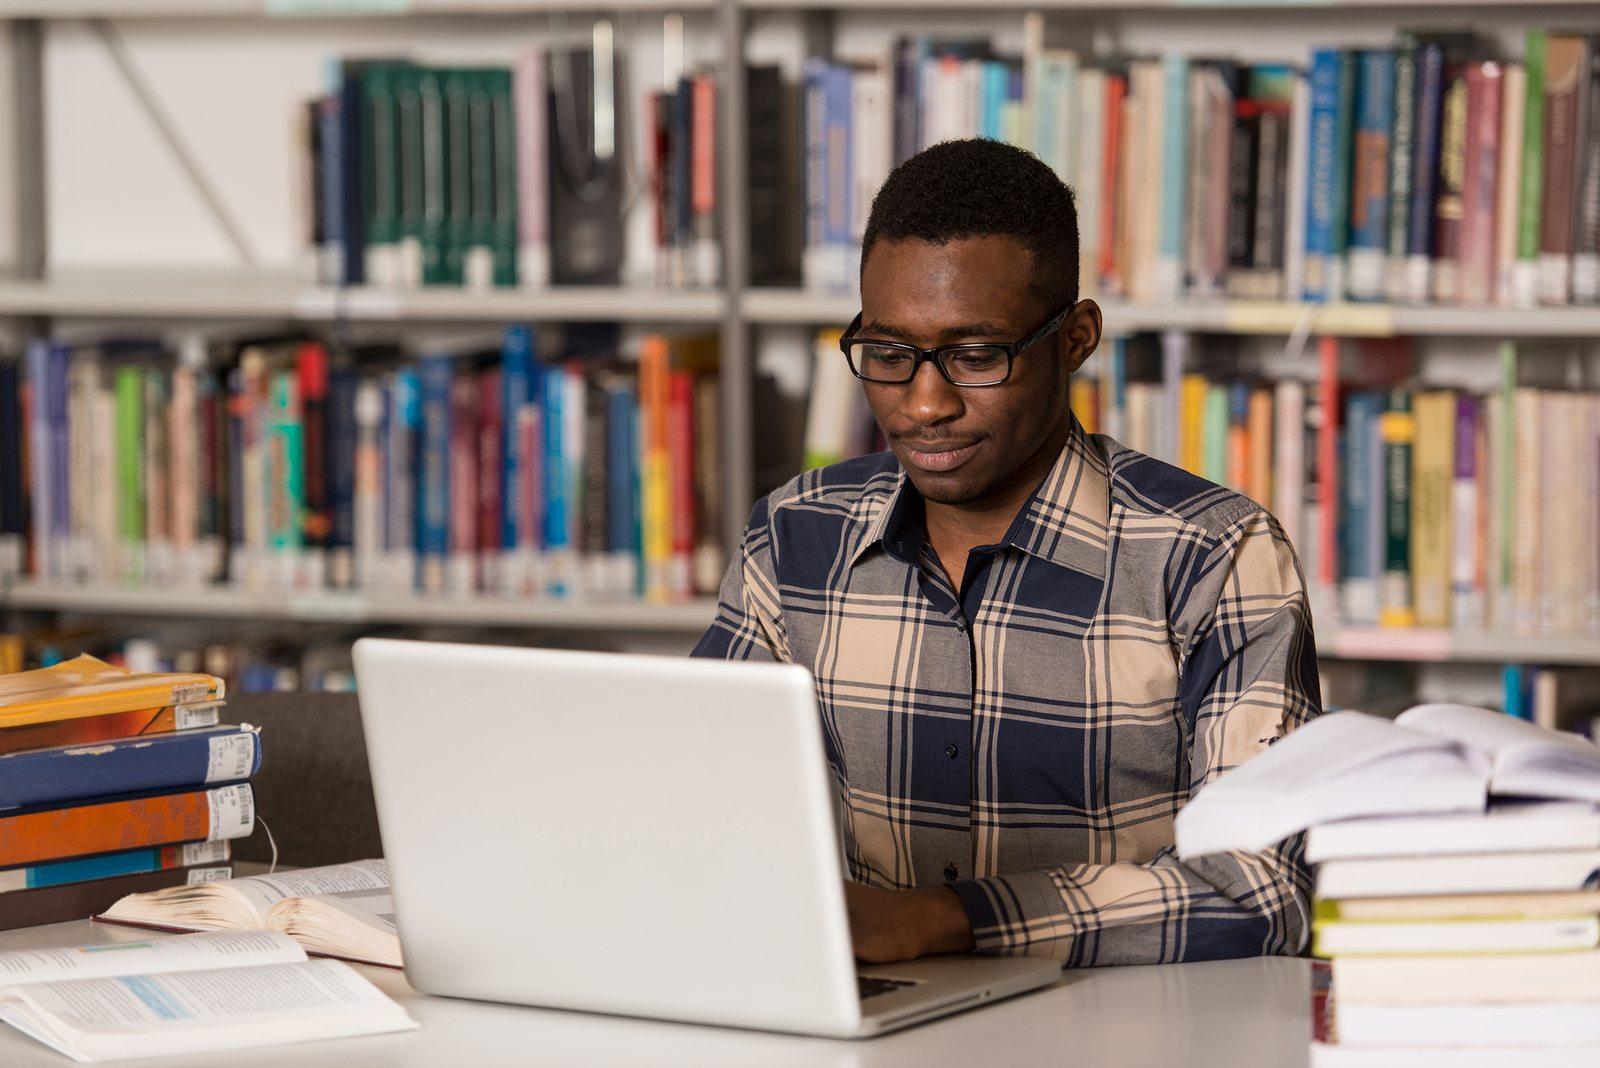 Resultado de imagem para estudante negro